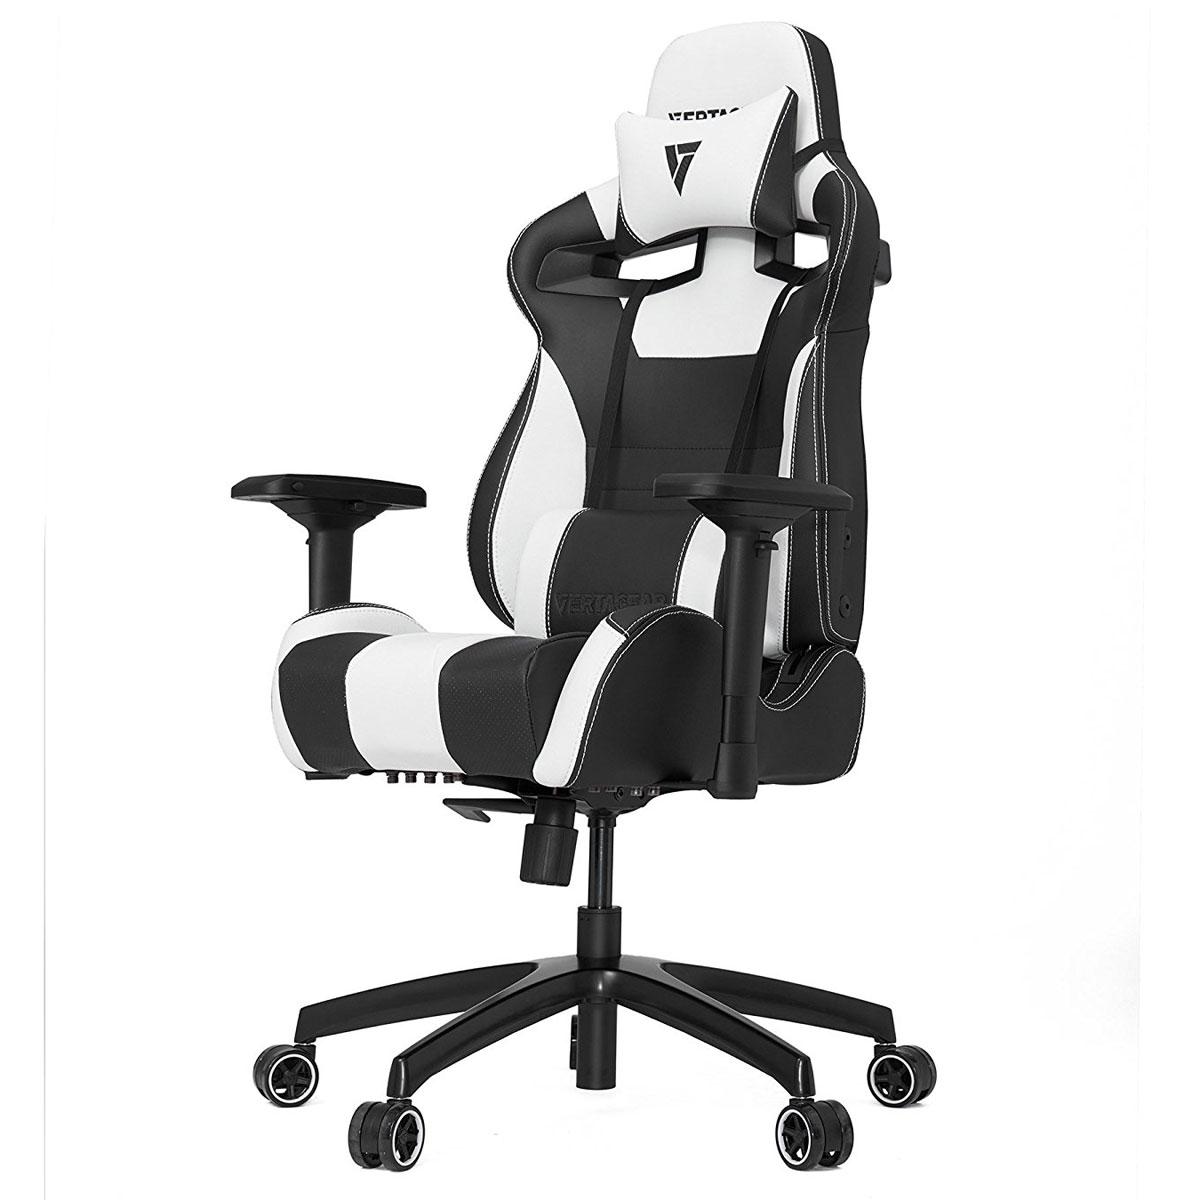 Fauteuil gamer Vertagear Racing SL4000 (noir/blanc) Siège en similicuir avec dossier réglable à 140° et accoudoirs 4D pour gamer (jusqu'à 150 kg)